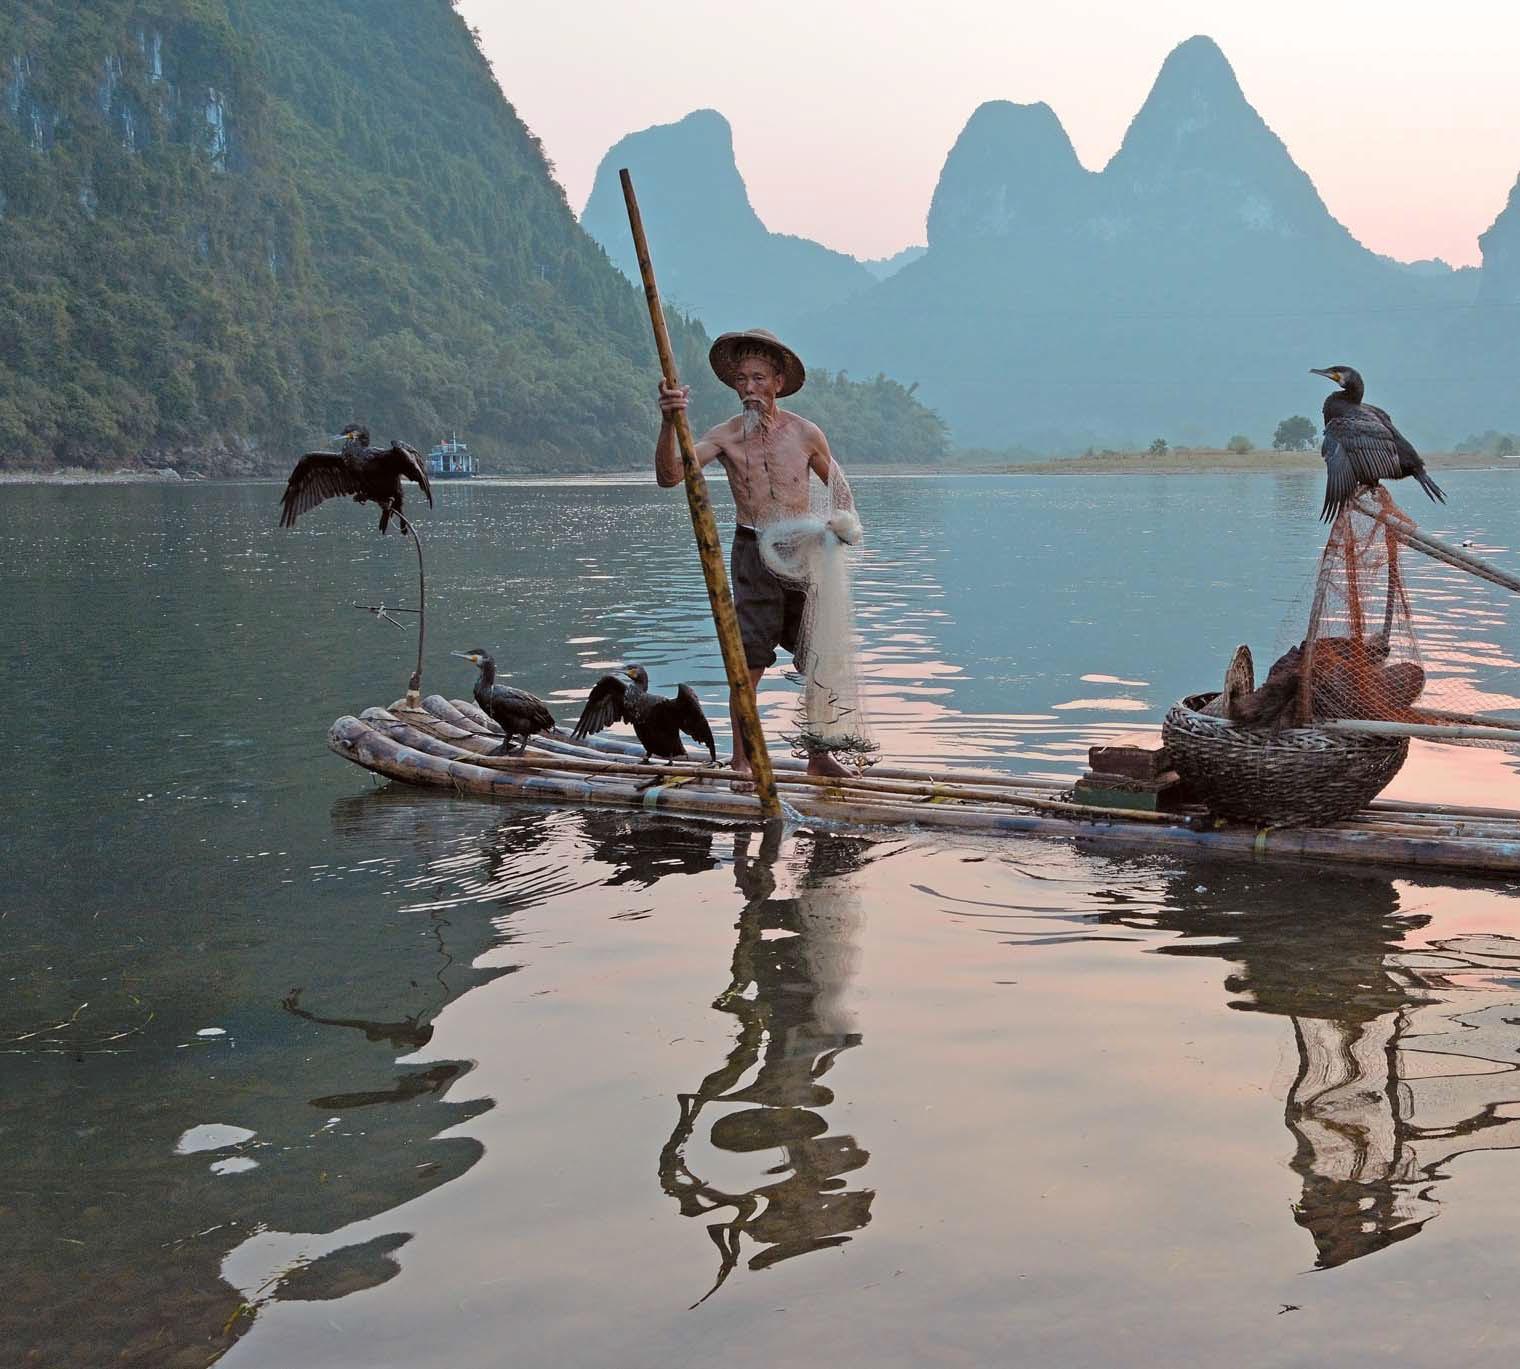 Необычный способ ловли рыбы в Китае